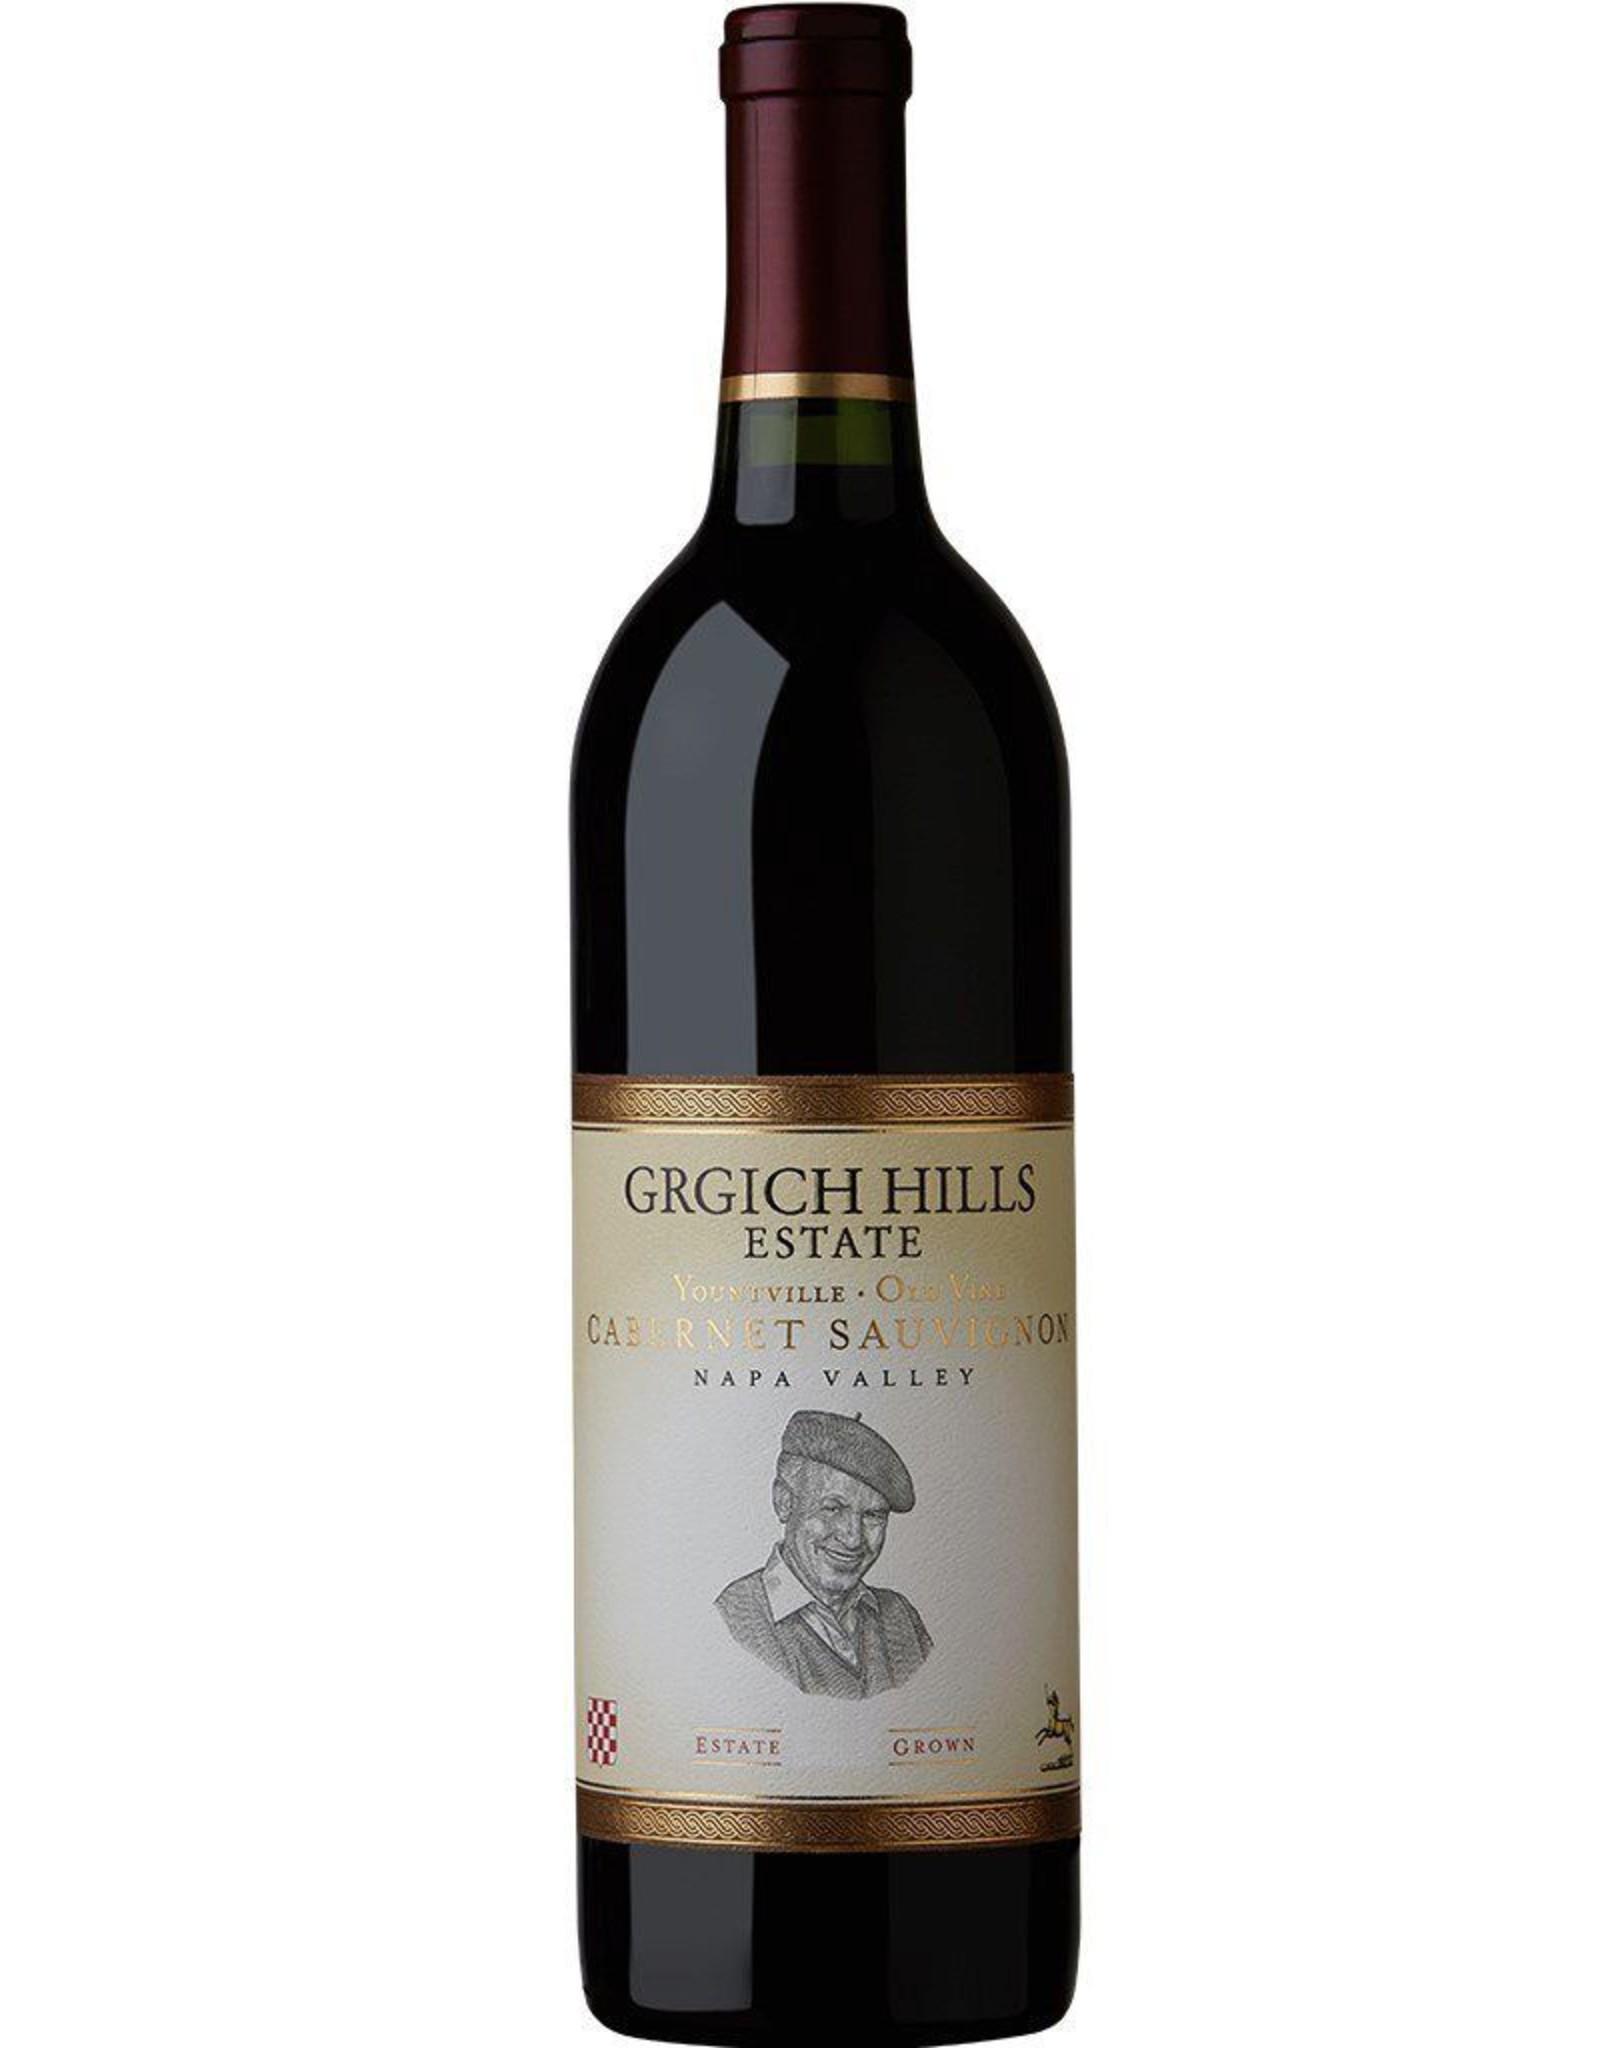 Red Wine 2013, Grgich Hills OLD VINE, Cabernet Sauvignon, Yountville, Napa Valley, California, 14.8% Alc, CT90